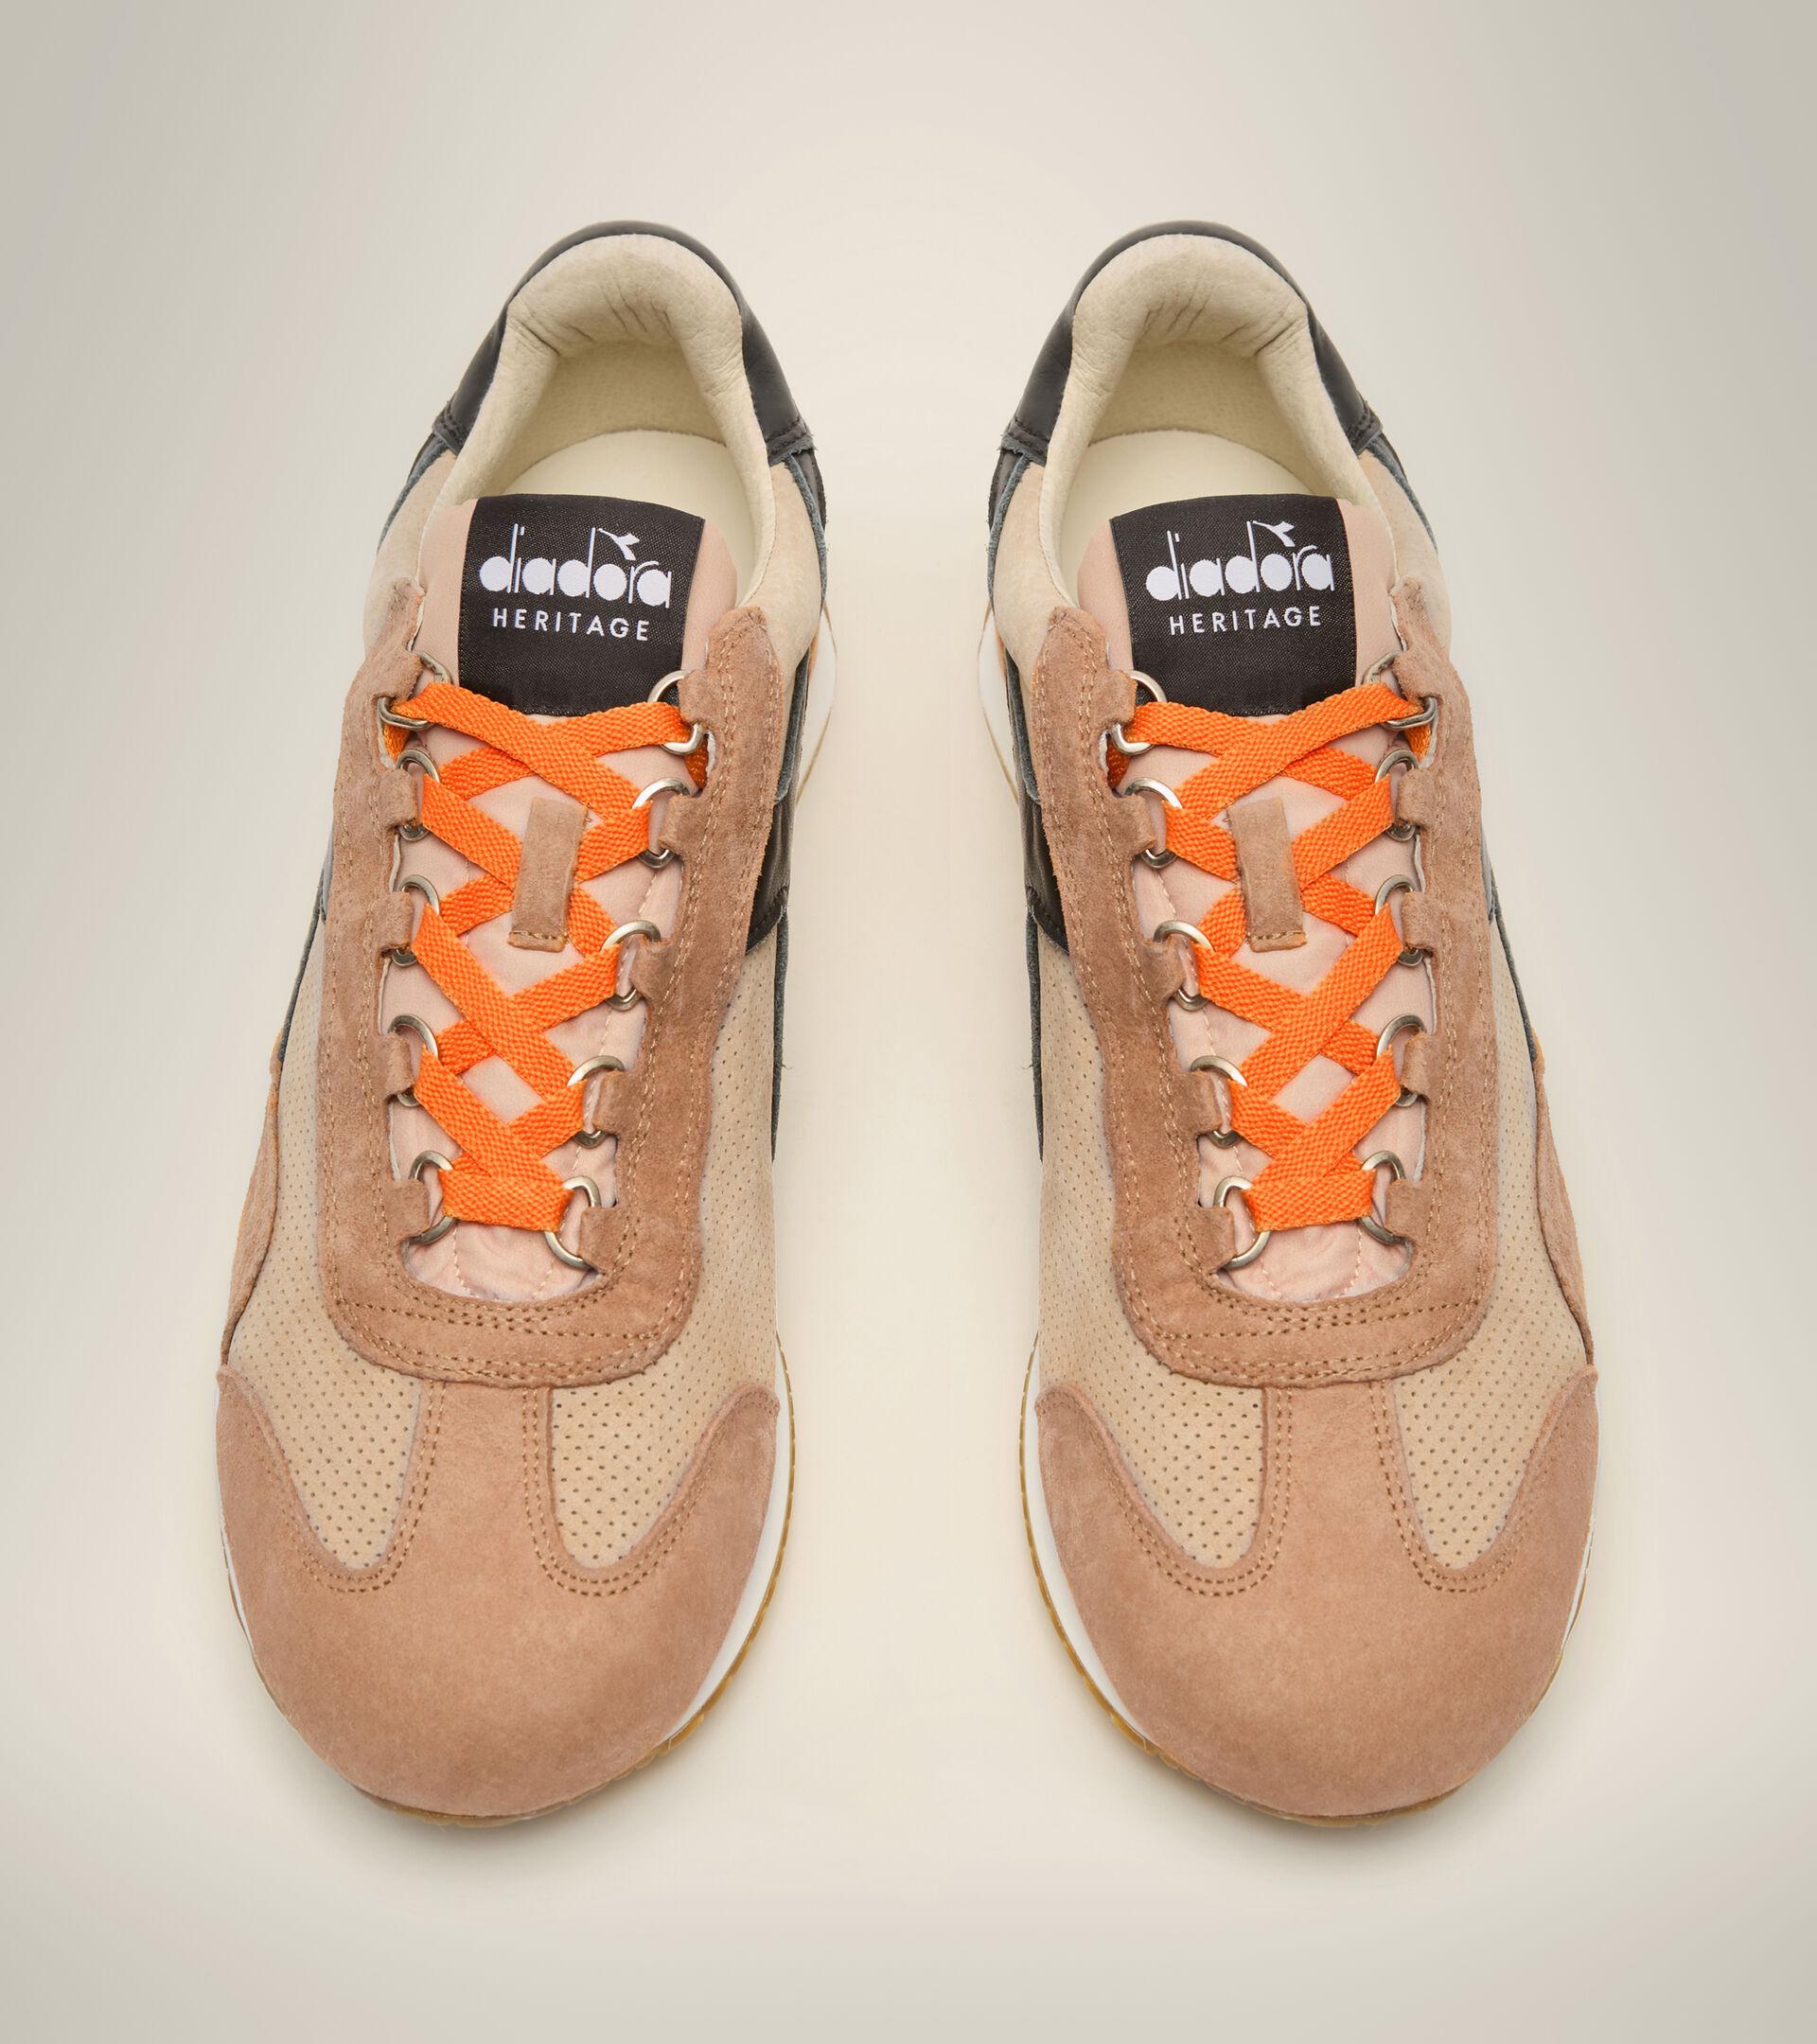 Heritage shoe - Unisex EQUIPE SUEDE SW DESERT MIST - Diadora